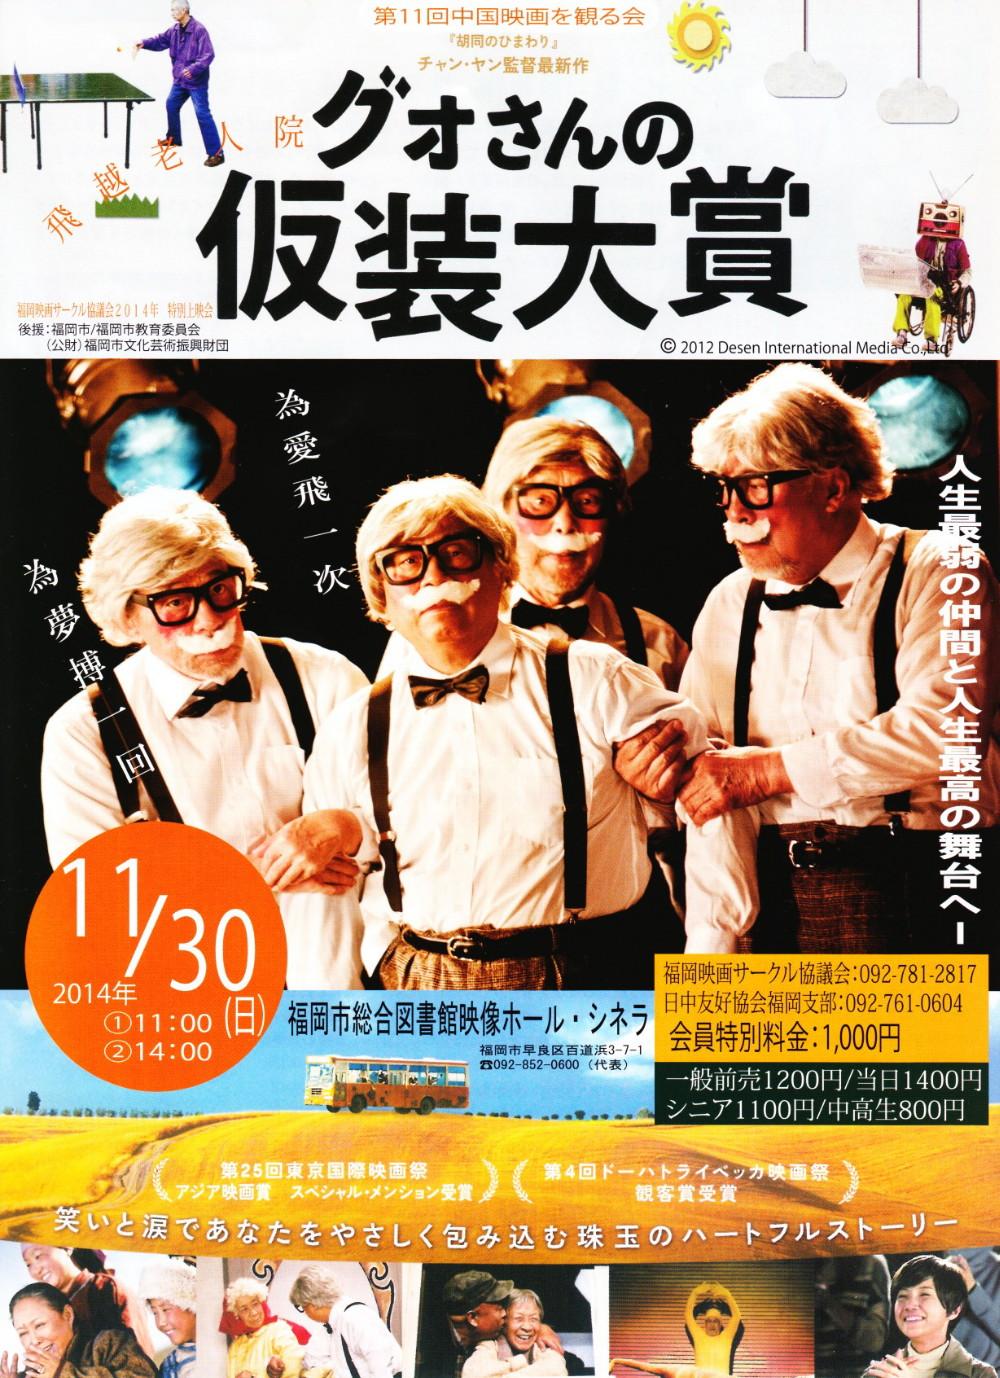 映画 『グォさんの仮装大賞』 11月30日(日)福岡市総合図書館 映像ホール・シネラ